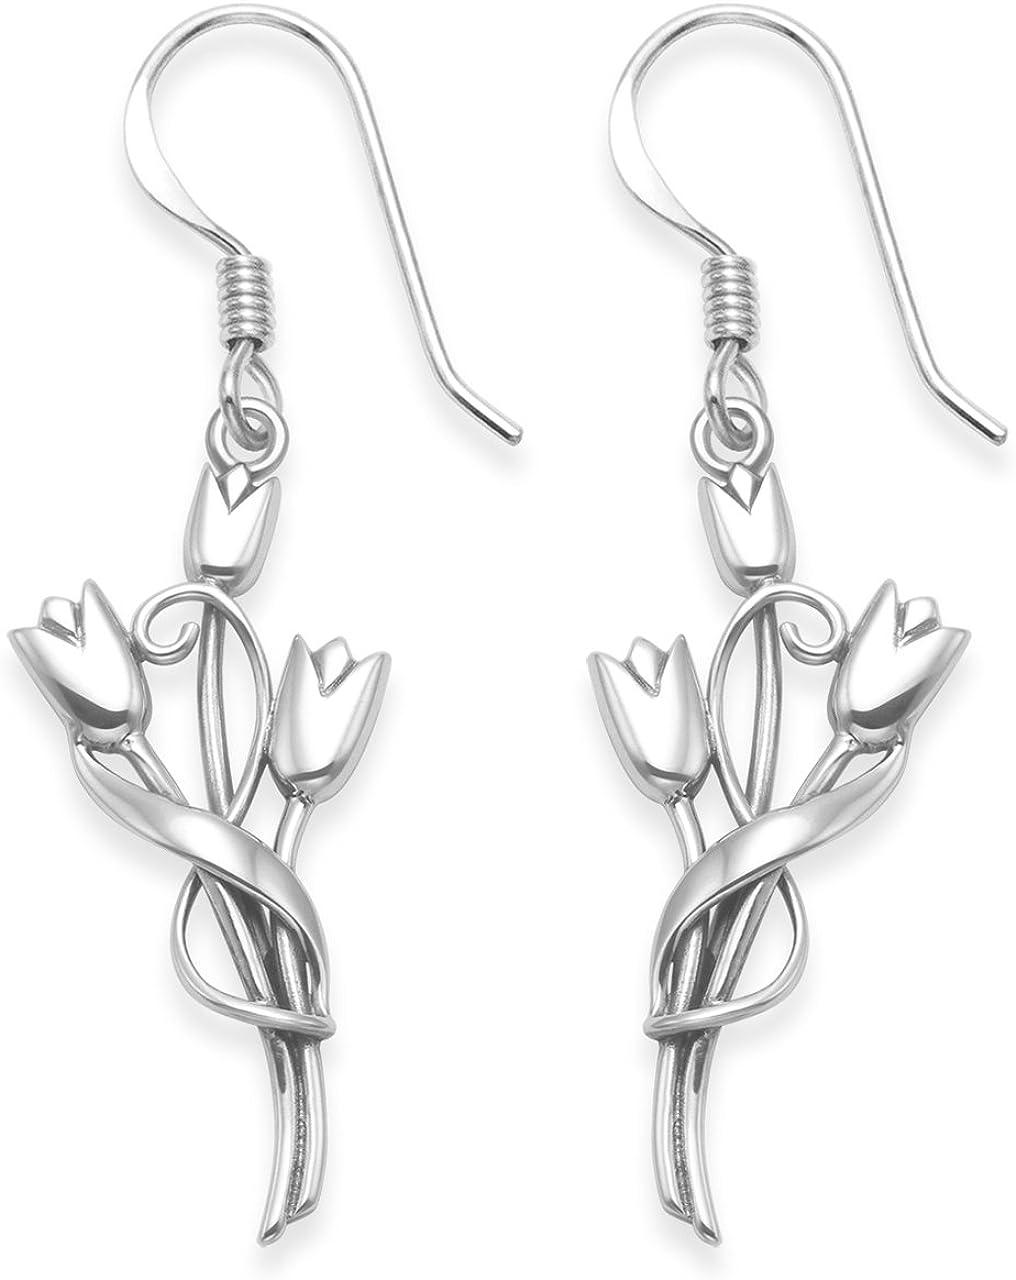 Plata de Ley Pendientes De Rennie Mackintosh–tres tulipanes pendientes de gota–TAMAÑO: 13mm x 25mm (mm, pendientes alambre). En caja de regalo. 6107/b54hn.